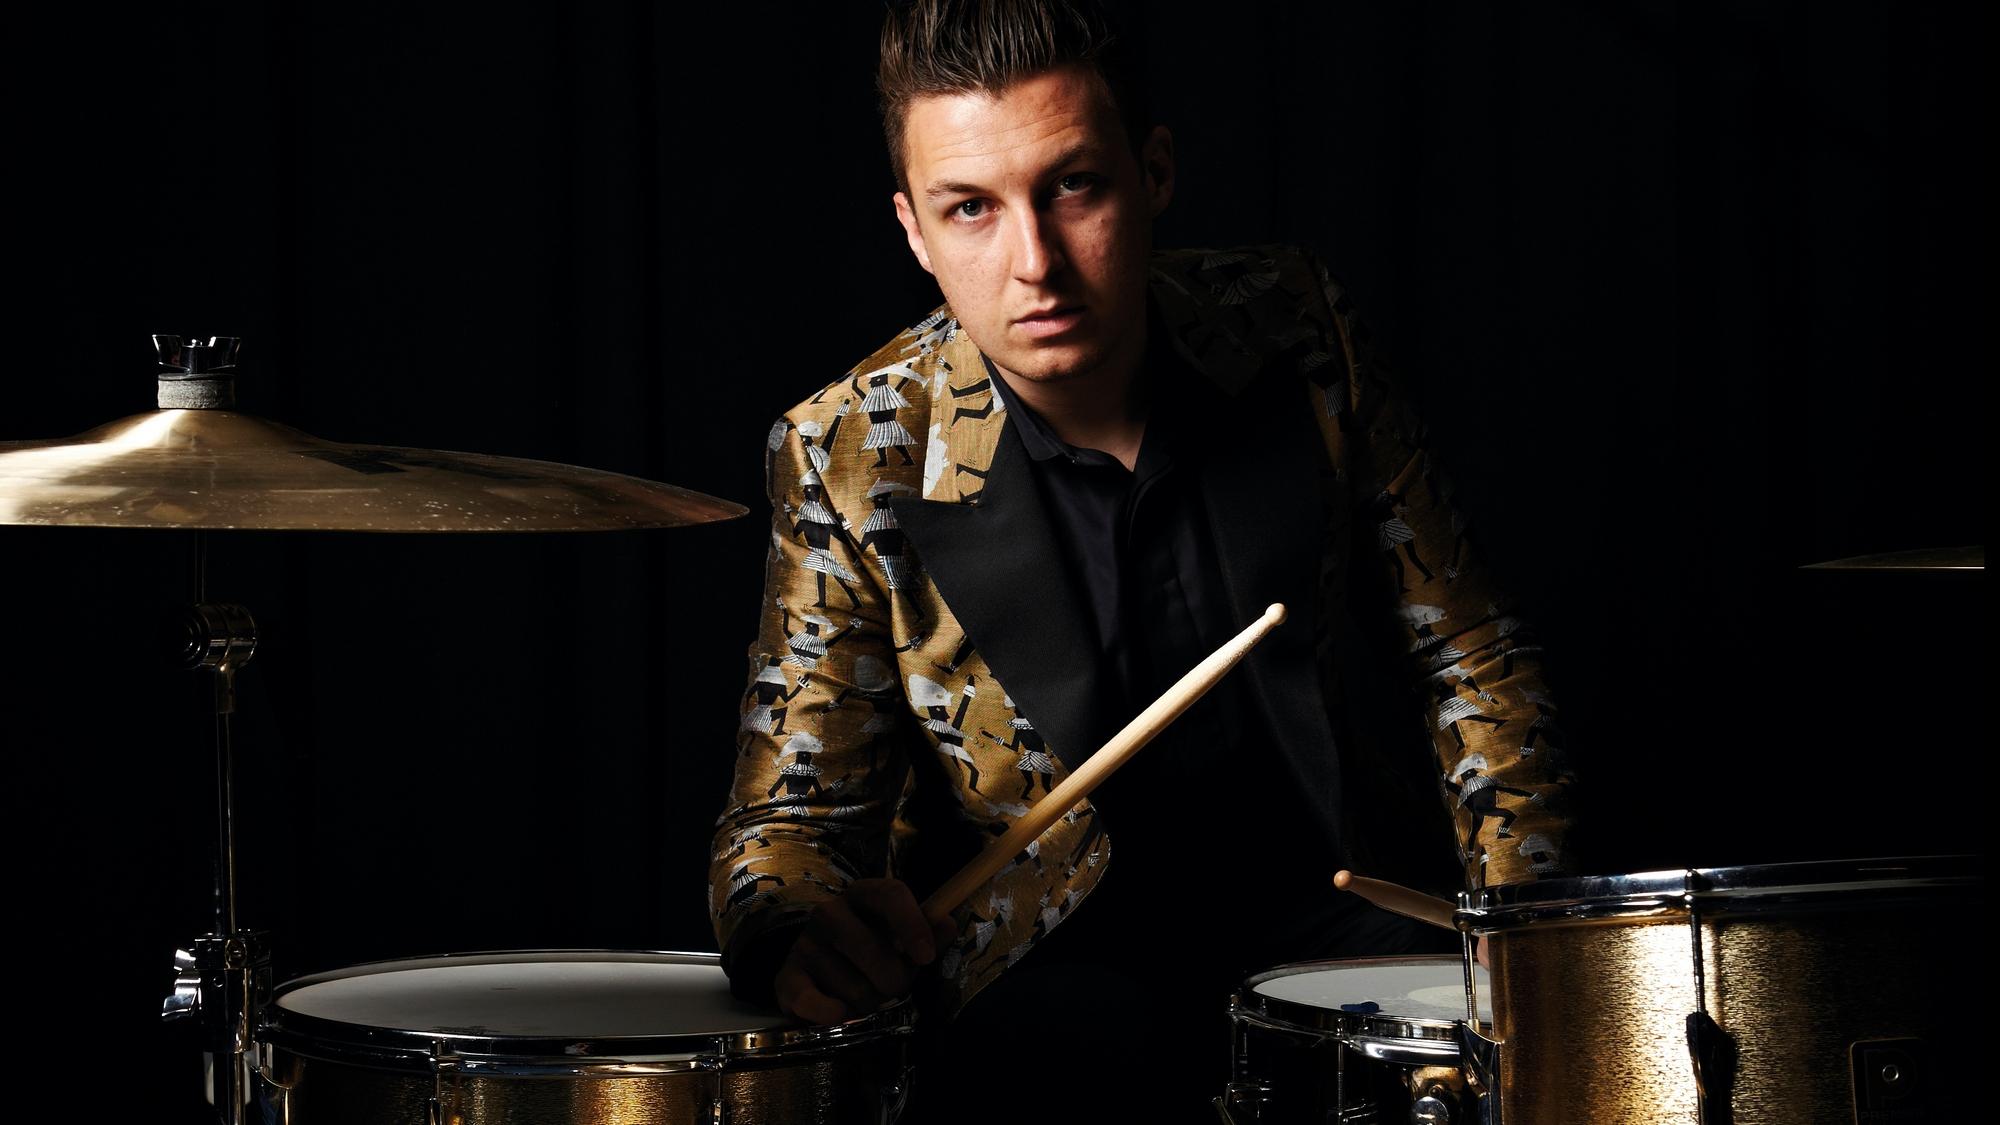 Matt Helders, Drummer arctic Monkeys. At John Henrys studio. Portraits against black inside and outside.